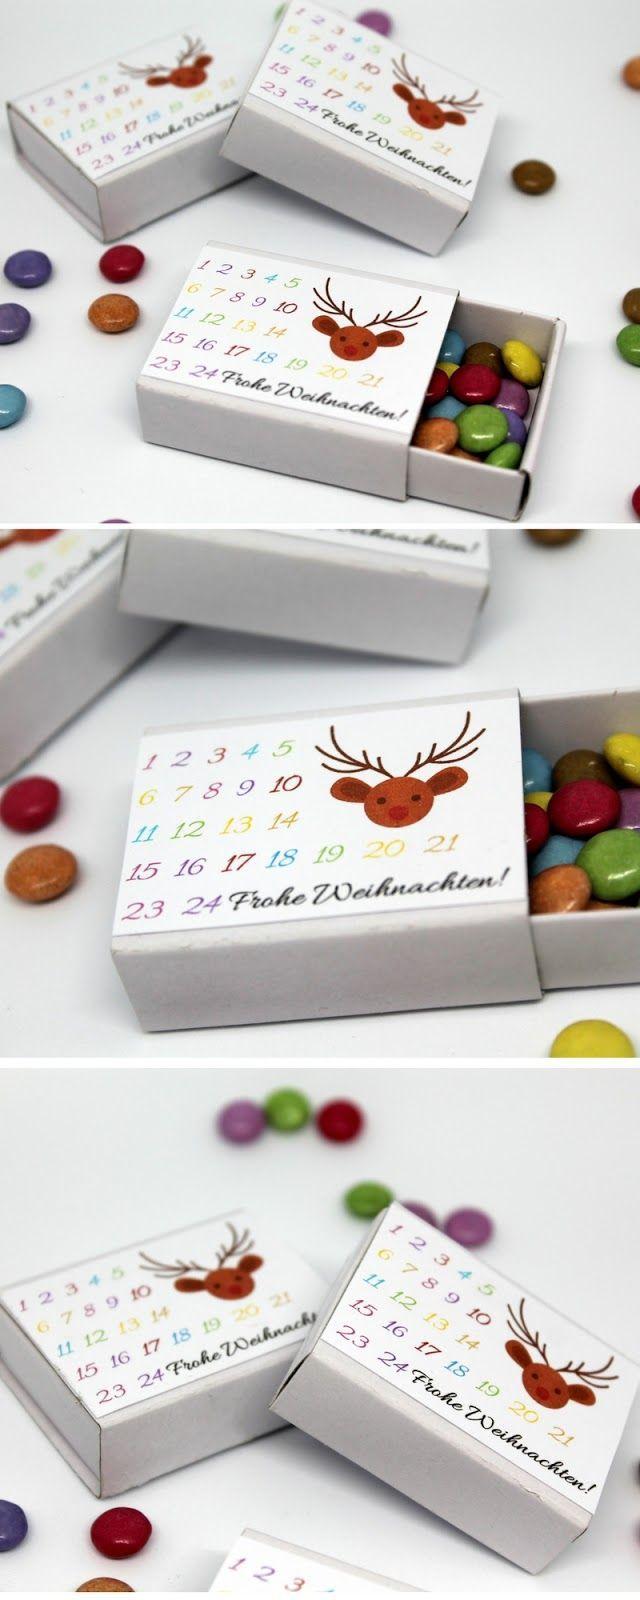 Gewaltig Weihnachtsgeschenk Basteln Dekoration Von Diy Adventskalender In Einer Streichholzschachtel + Free